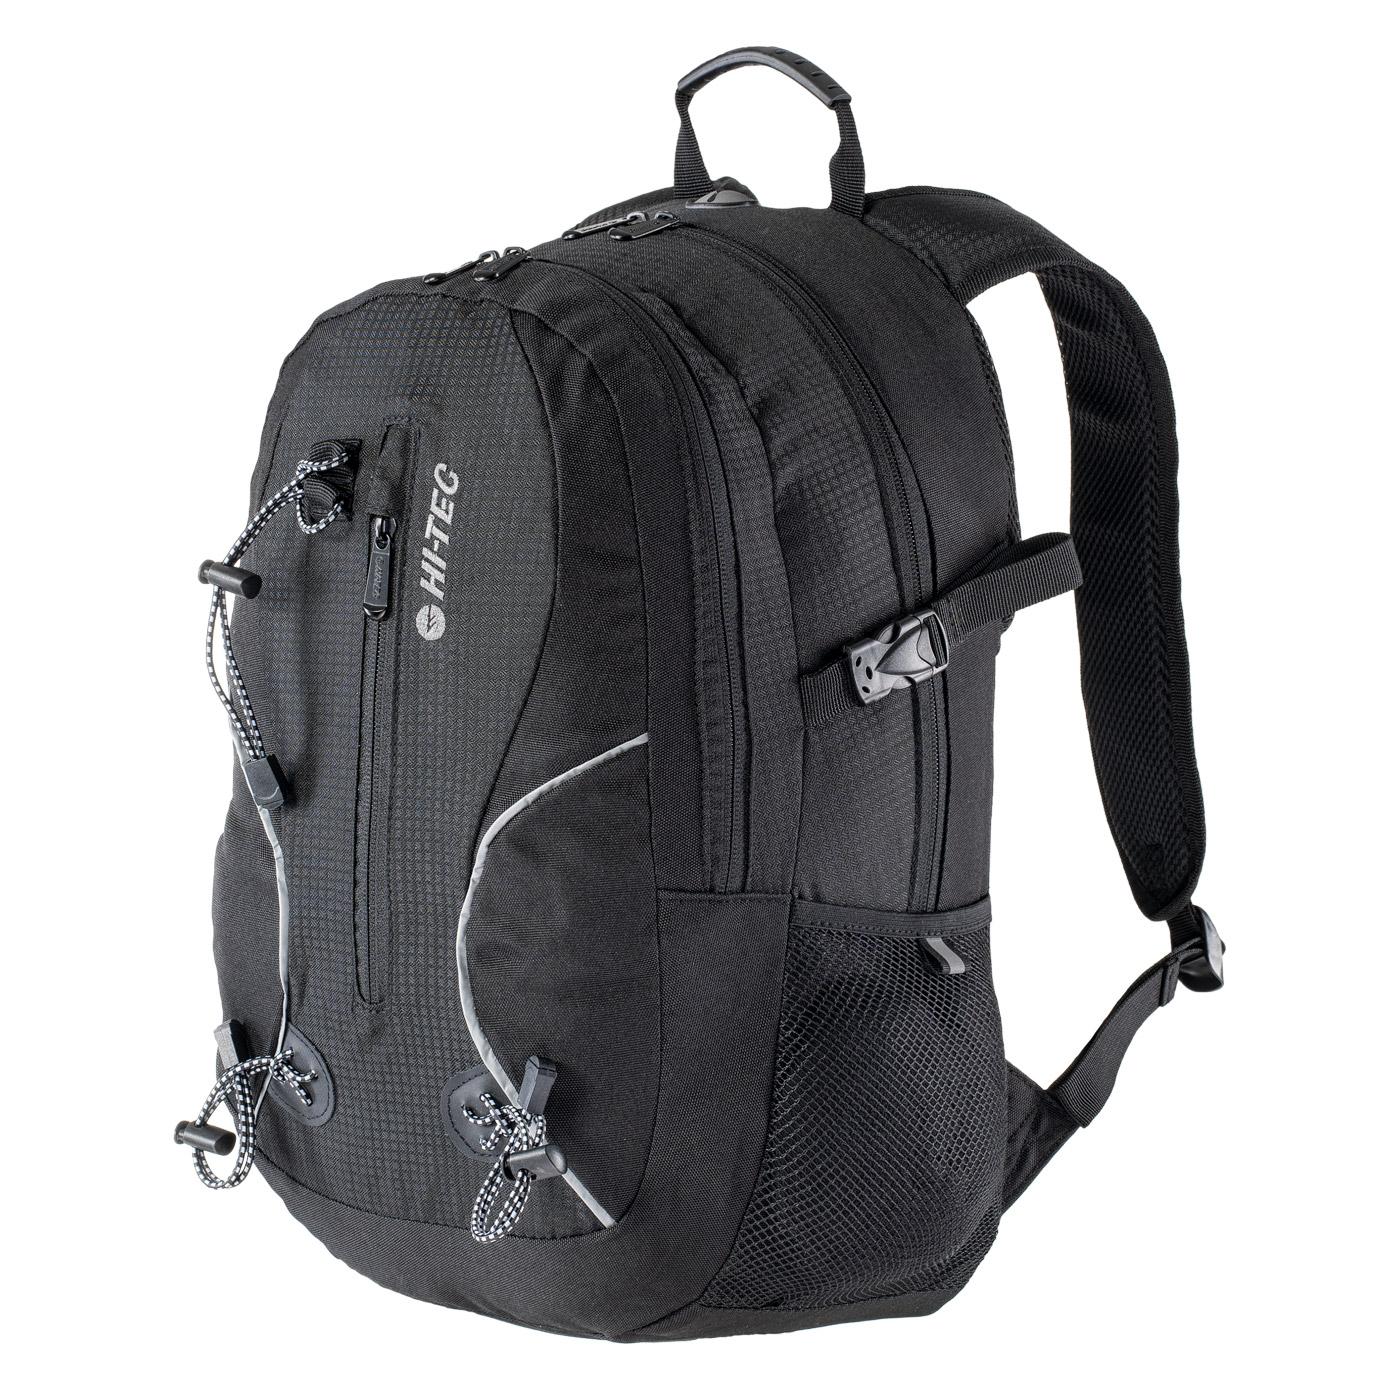 HI-TEC Mandor 20L - sportovní/školní batoh Barva: Černá